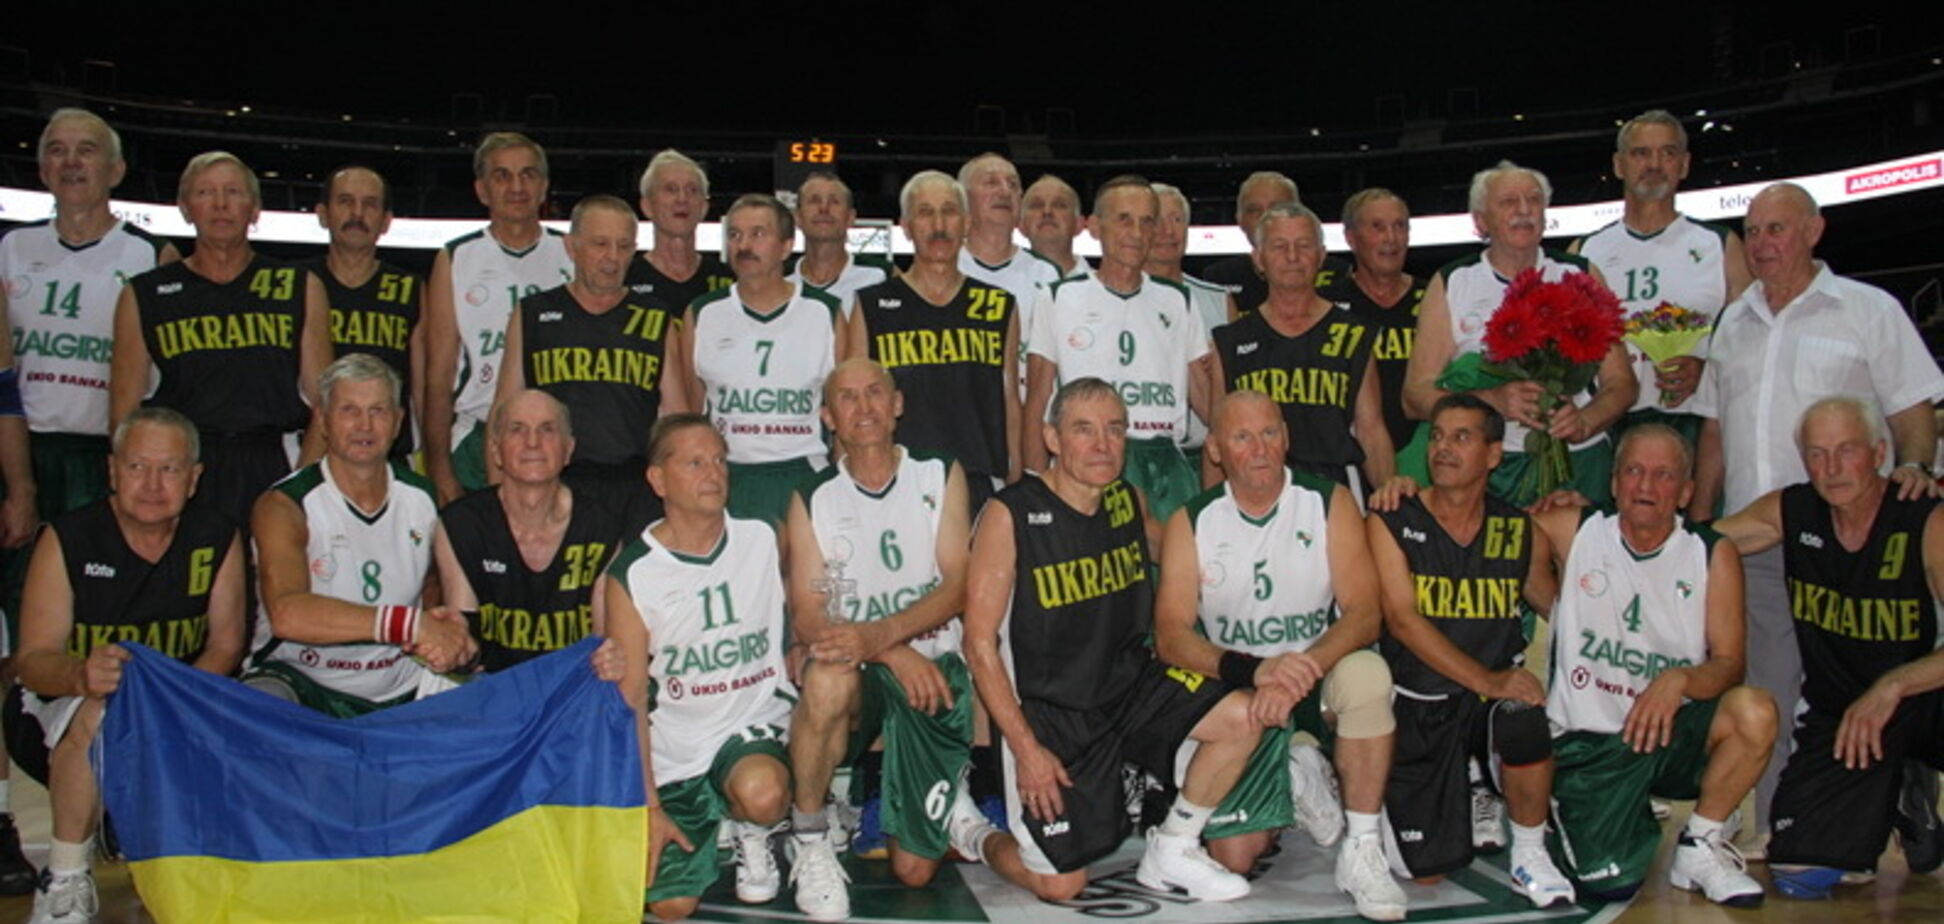 Сборная Украины, дважды обыграв россиян, выиграла ЧЕ по баскетболу среди ветеранов